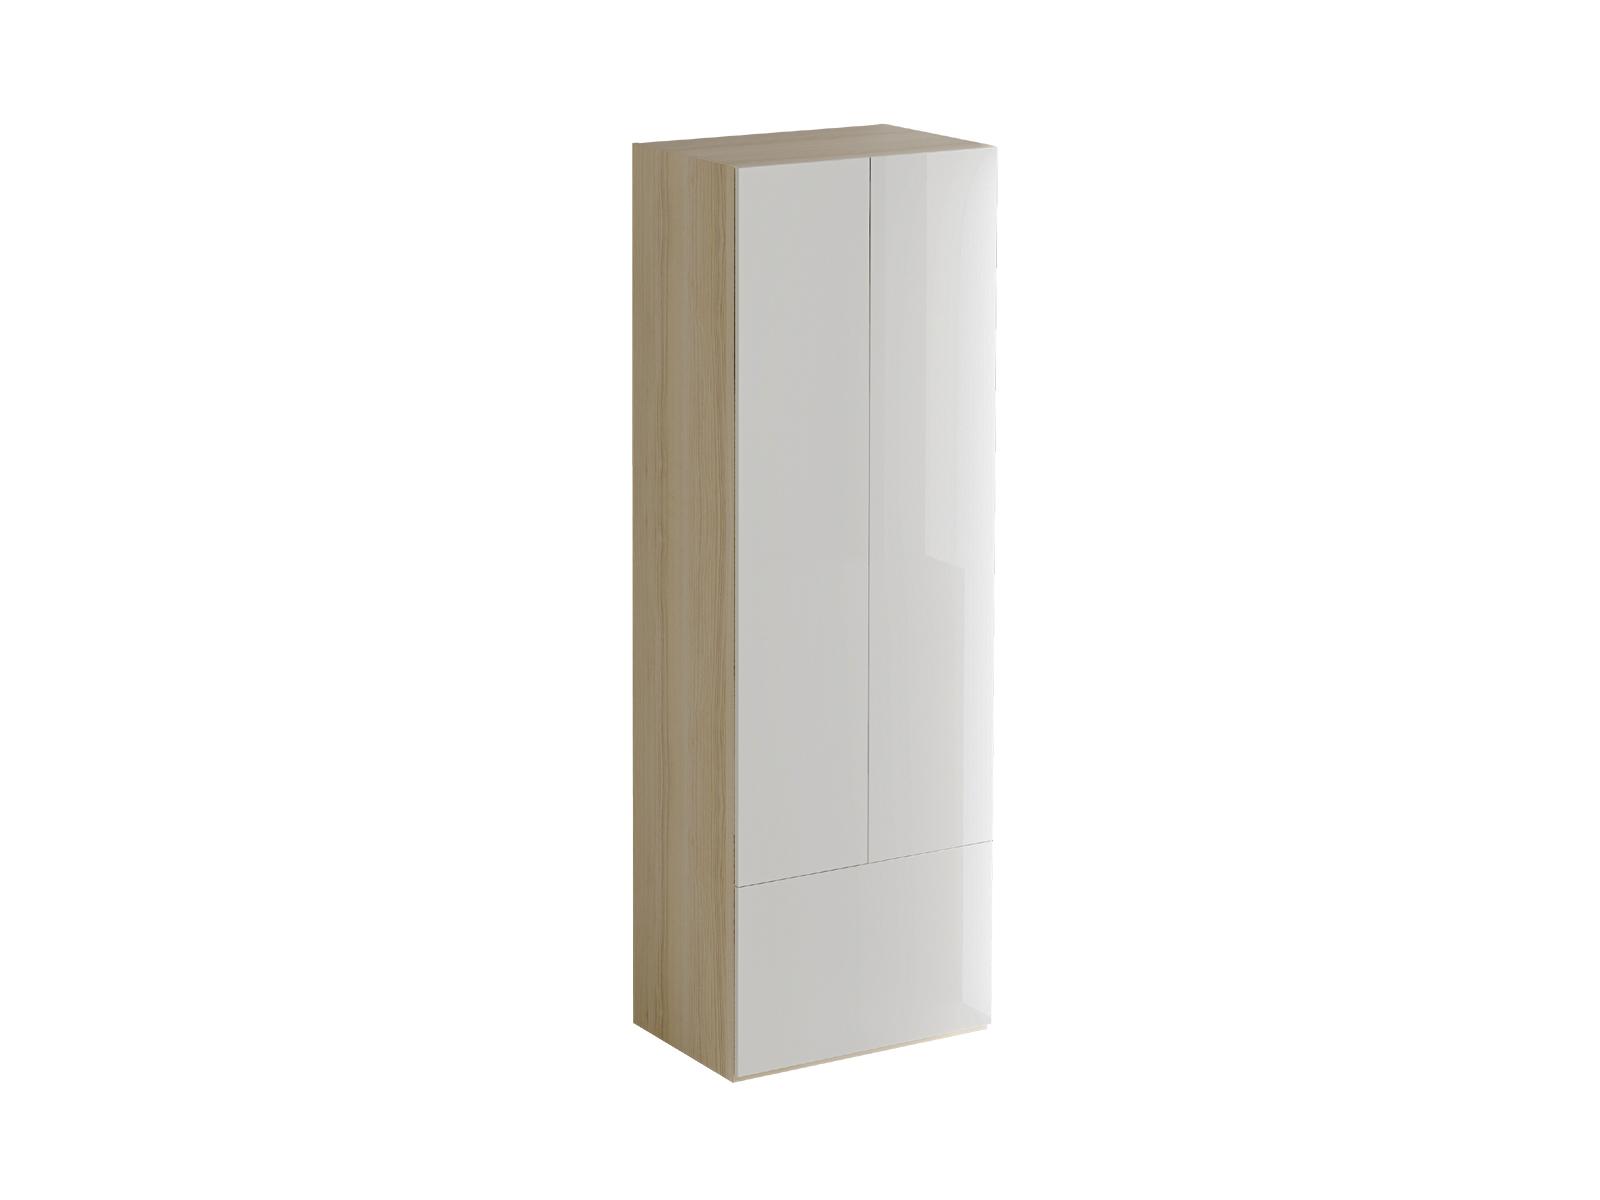 Шкаф PassageШкафы и вешалки<br>Шкаф двухдверный. В верхней части за распашными дверцами расположено отделение со штангой для хранения одежды и крючками. В нижнем отделении за откидной дверцей расположена полка. Двери шкафа открываются по принципу «нажал-открыл».<br>